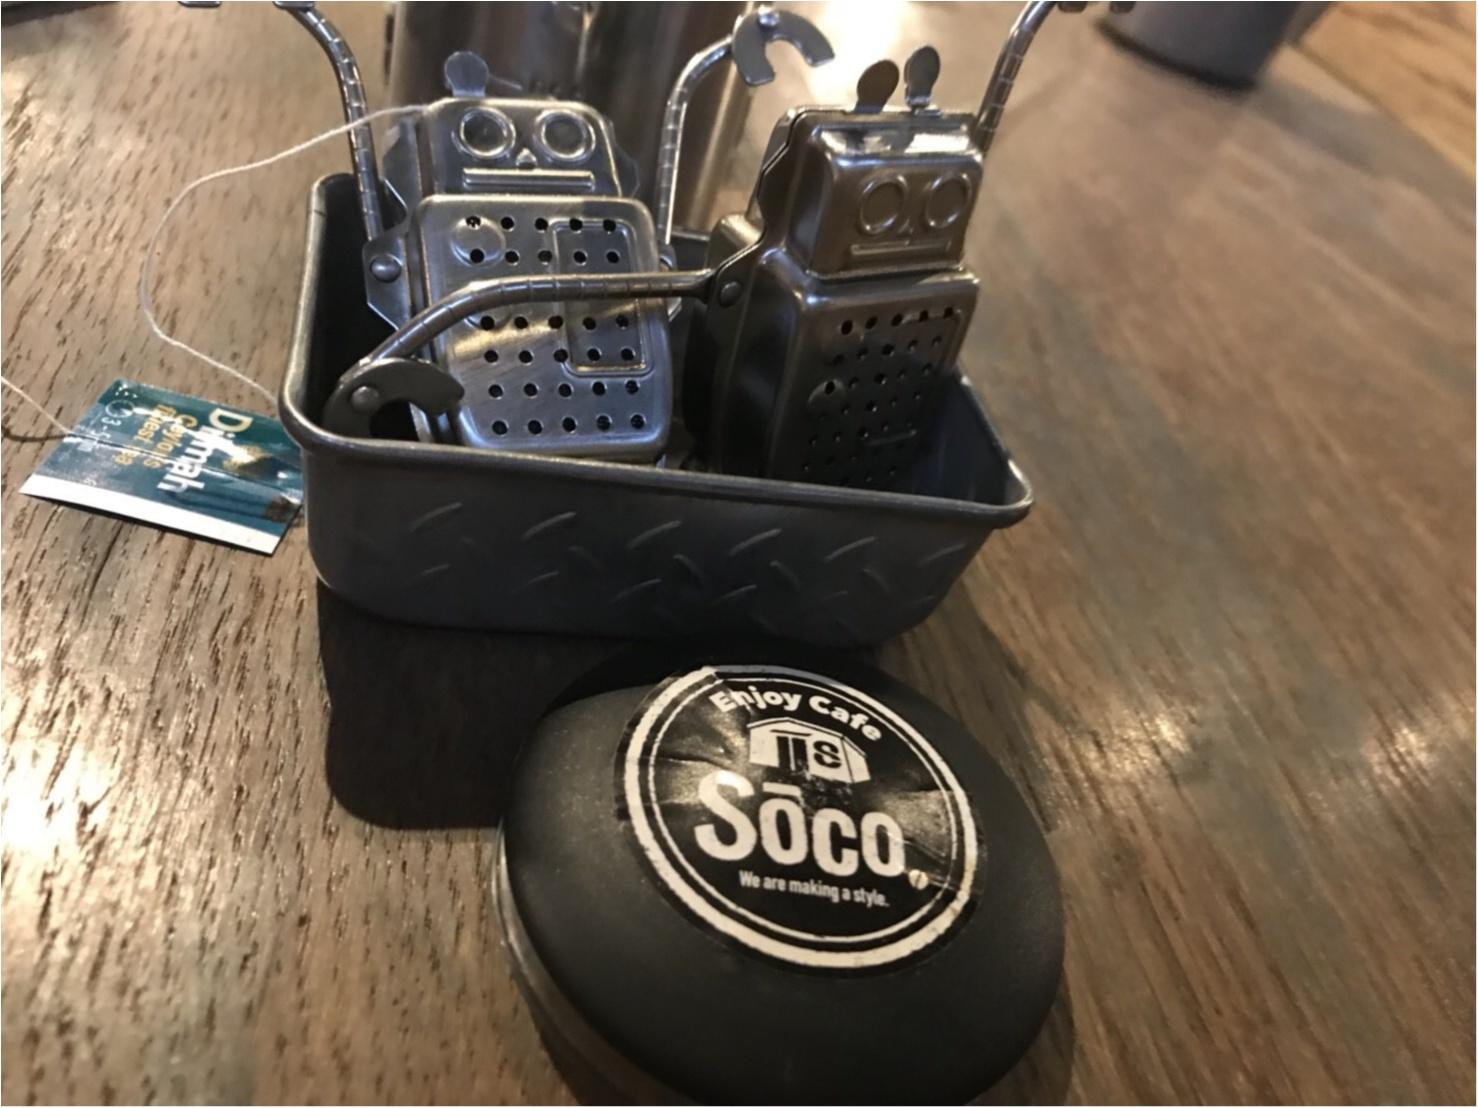 【Cafe】浜松カフェ巡り② 倉庫をリノベーションしたおしゃれカフェ♡ 広い空間でゆったりとコーヒータイム♡_4